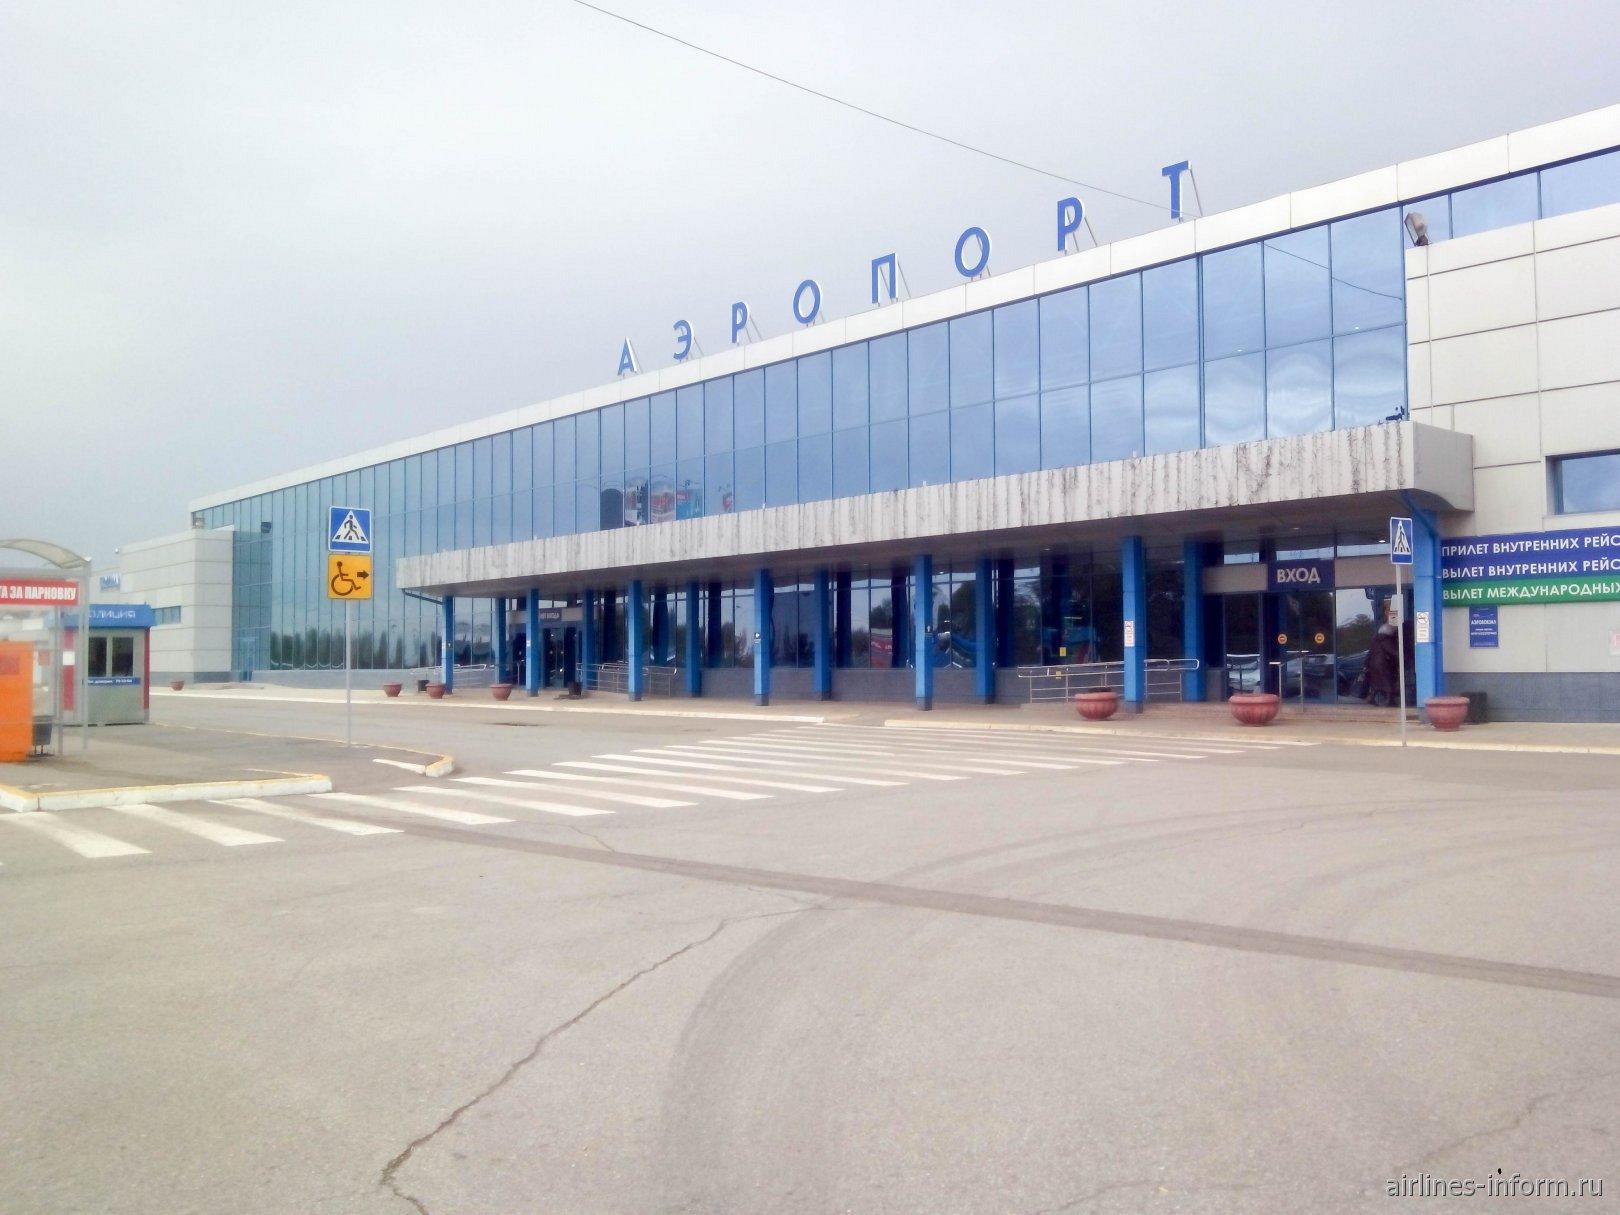 Аэровокзал аэропорта Омск Центральный